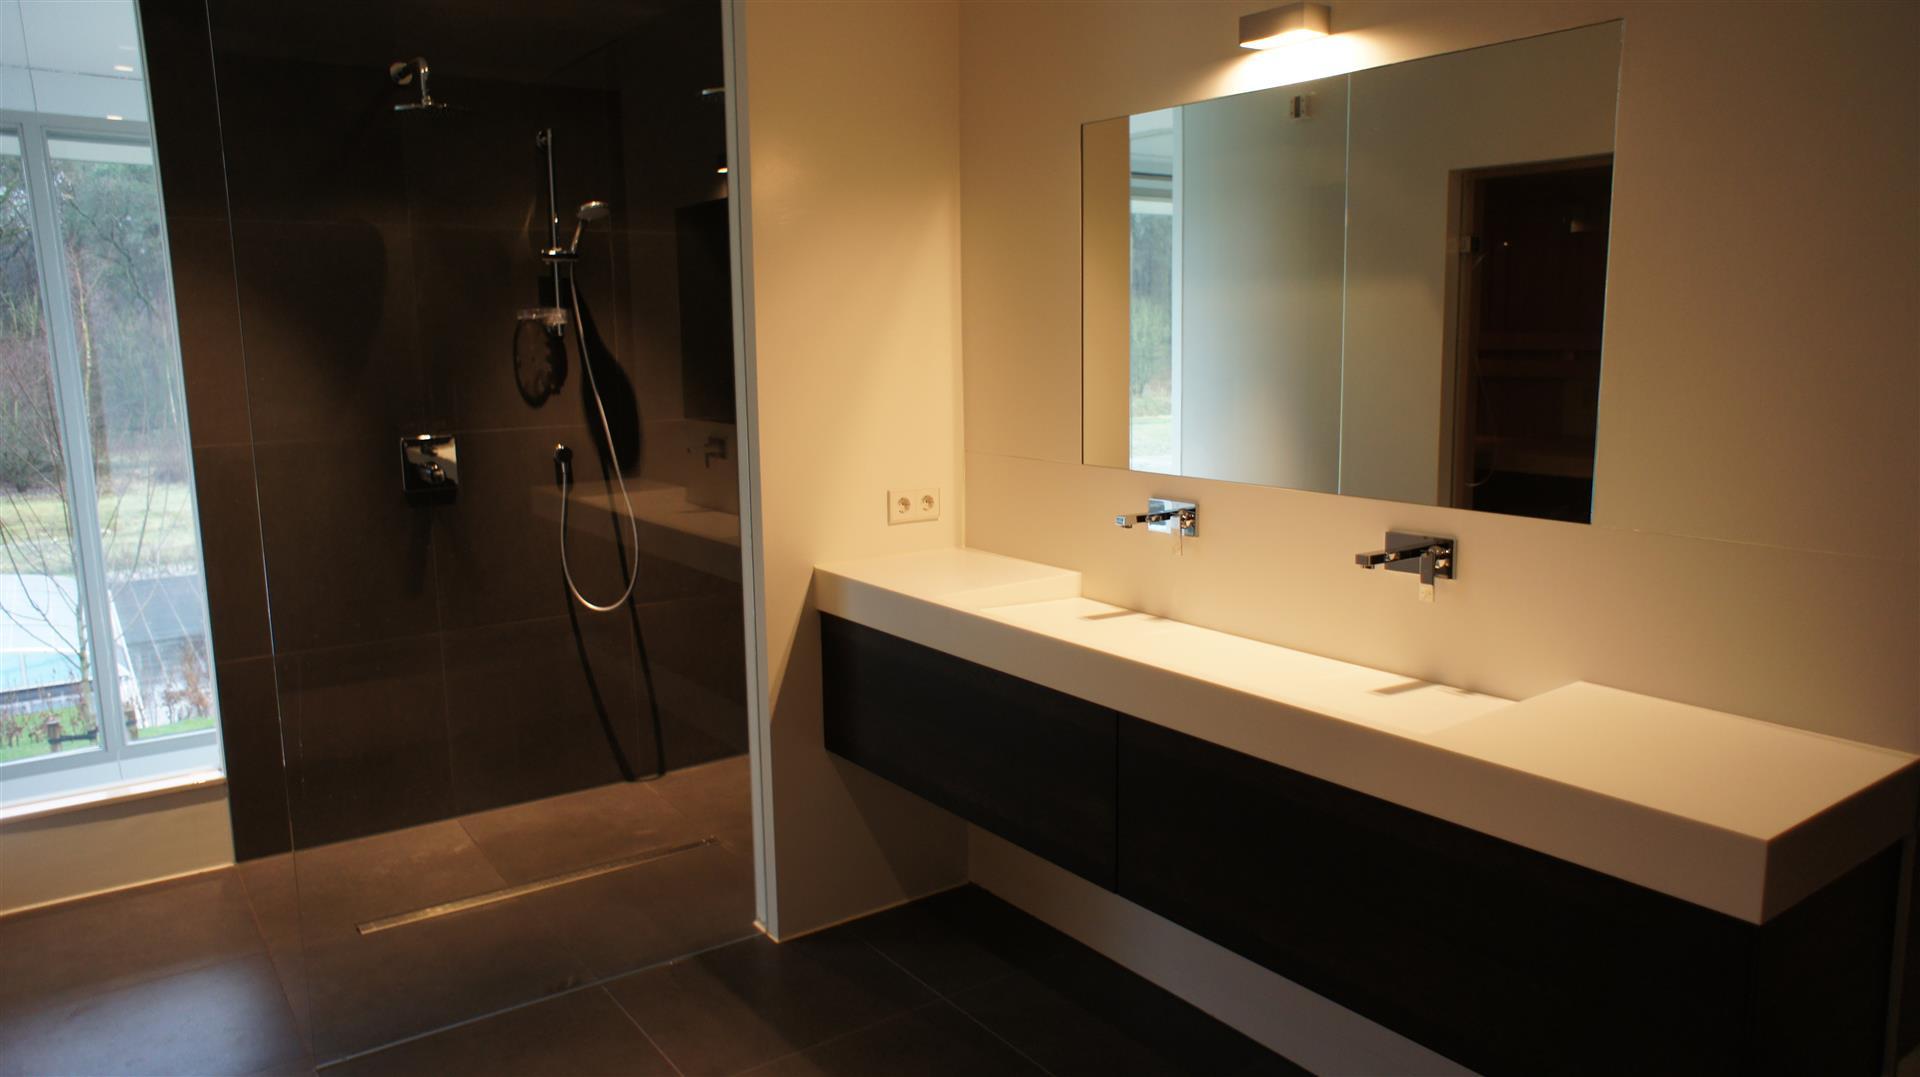 Tegels en houten vloer overgang strak zonder profiel - Houten vloer hal bad ...